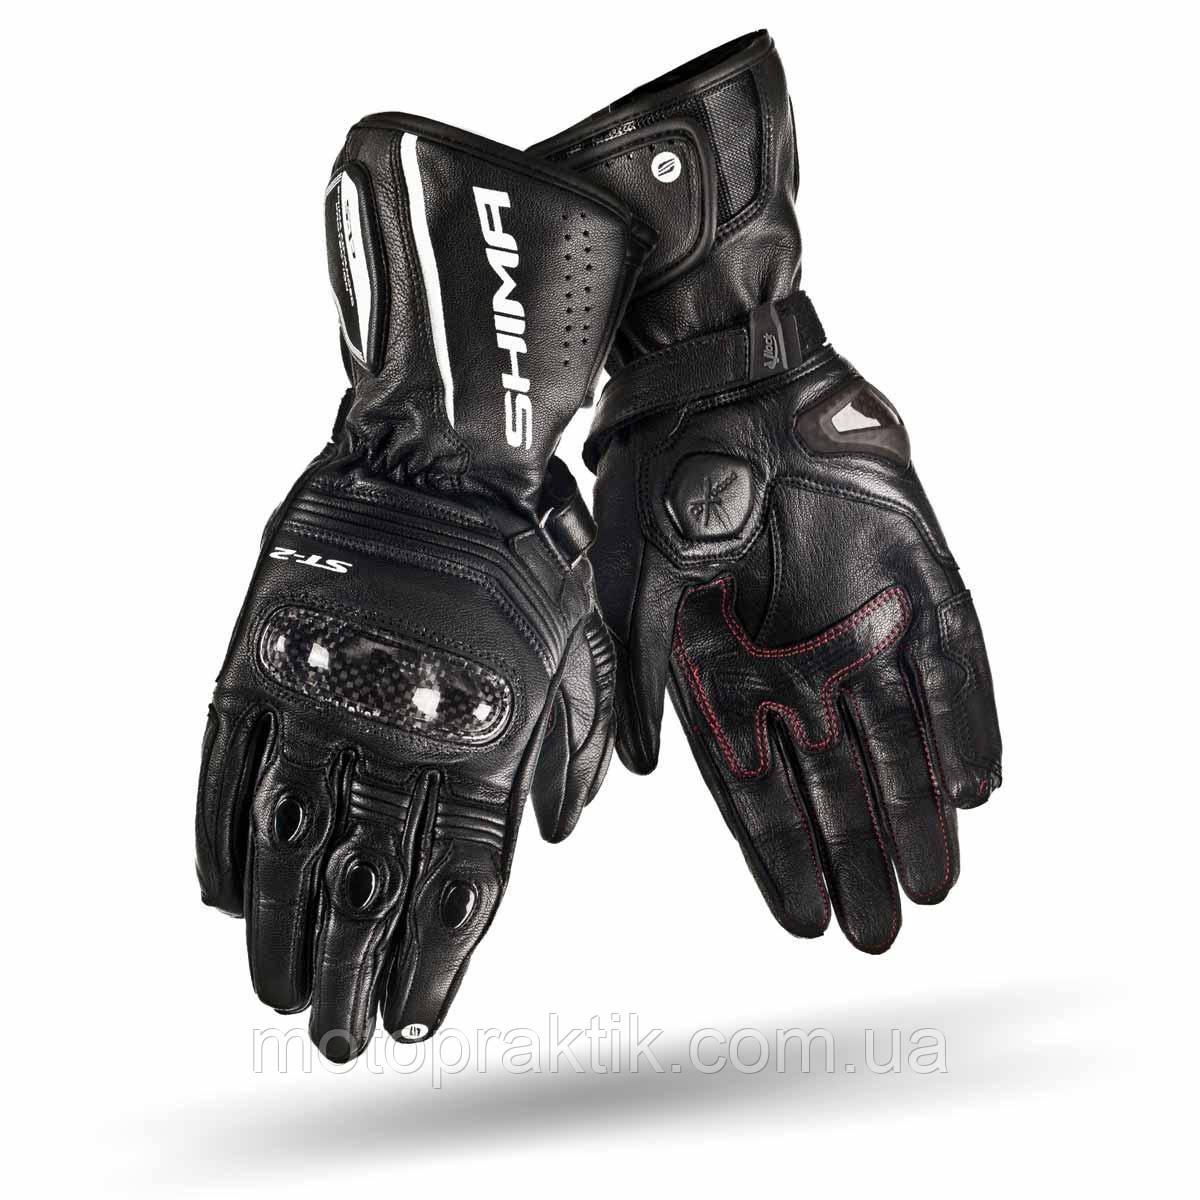 SHIMA ST-2 LADY Gloves Black, XS Моторукавички жіночі шкіряні спортивні